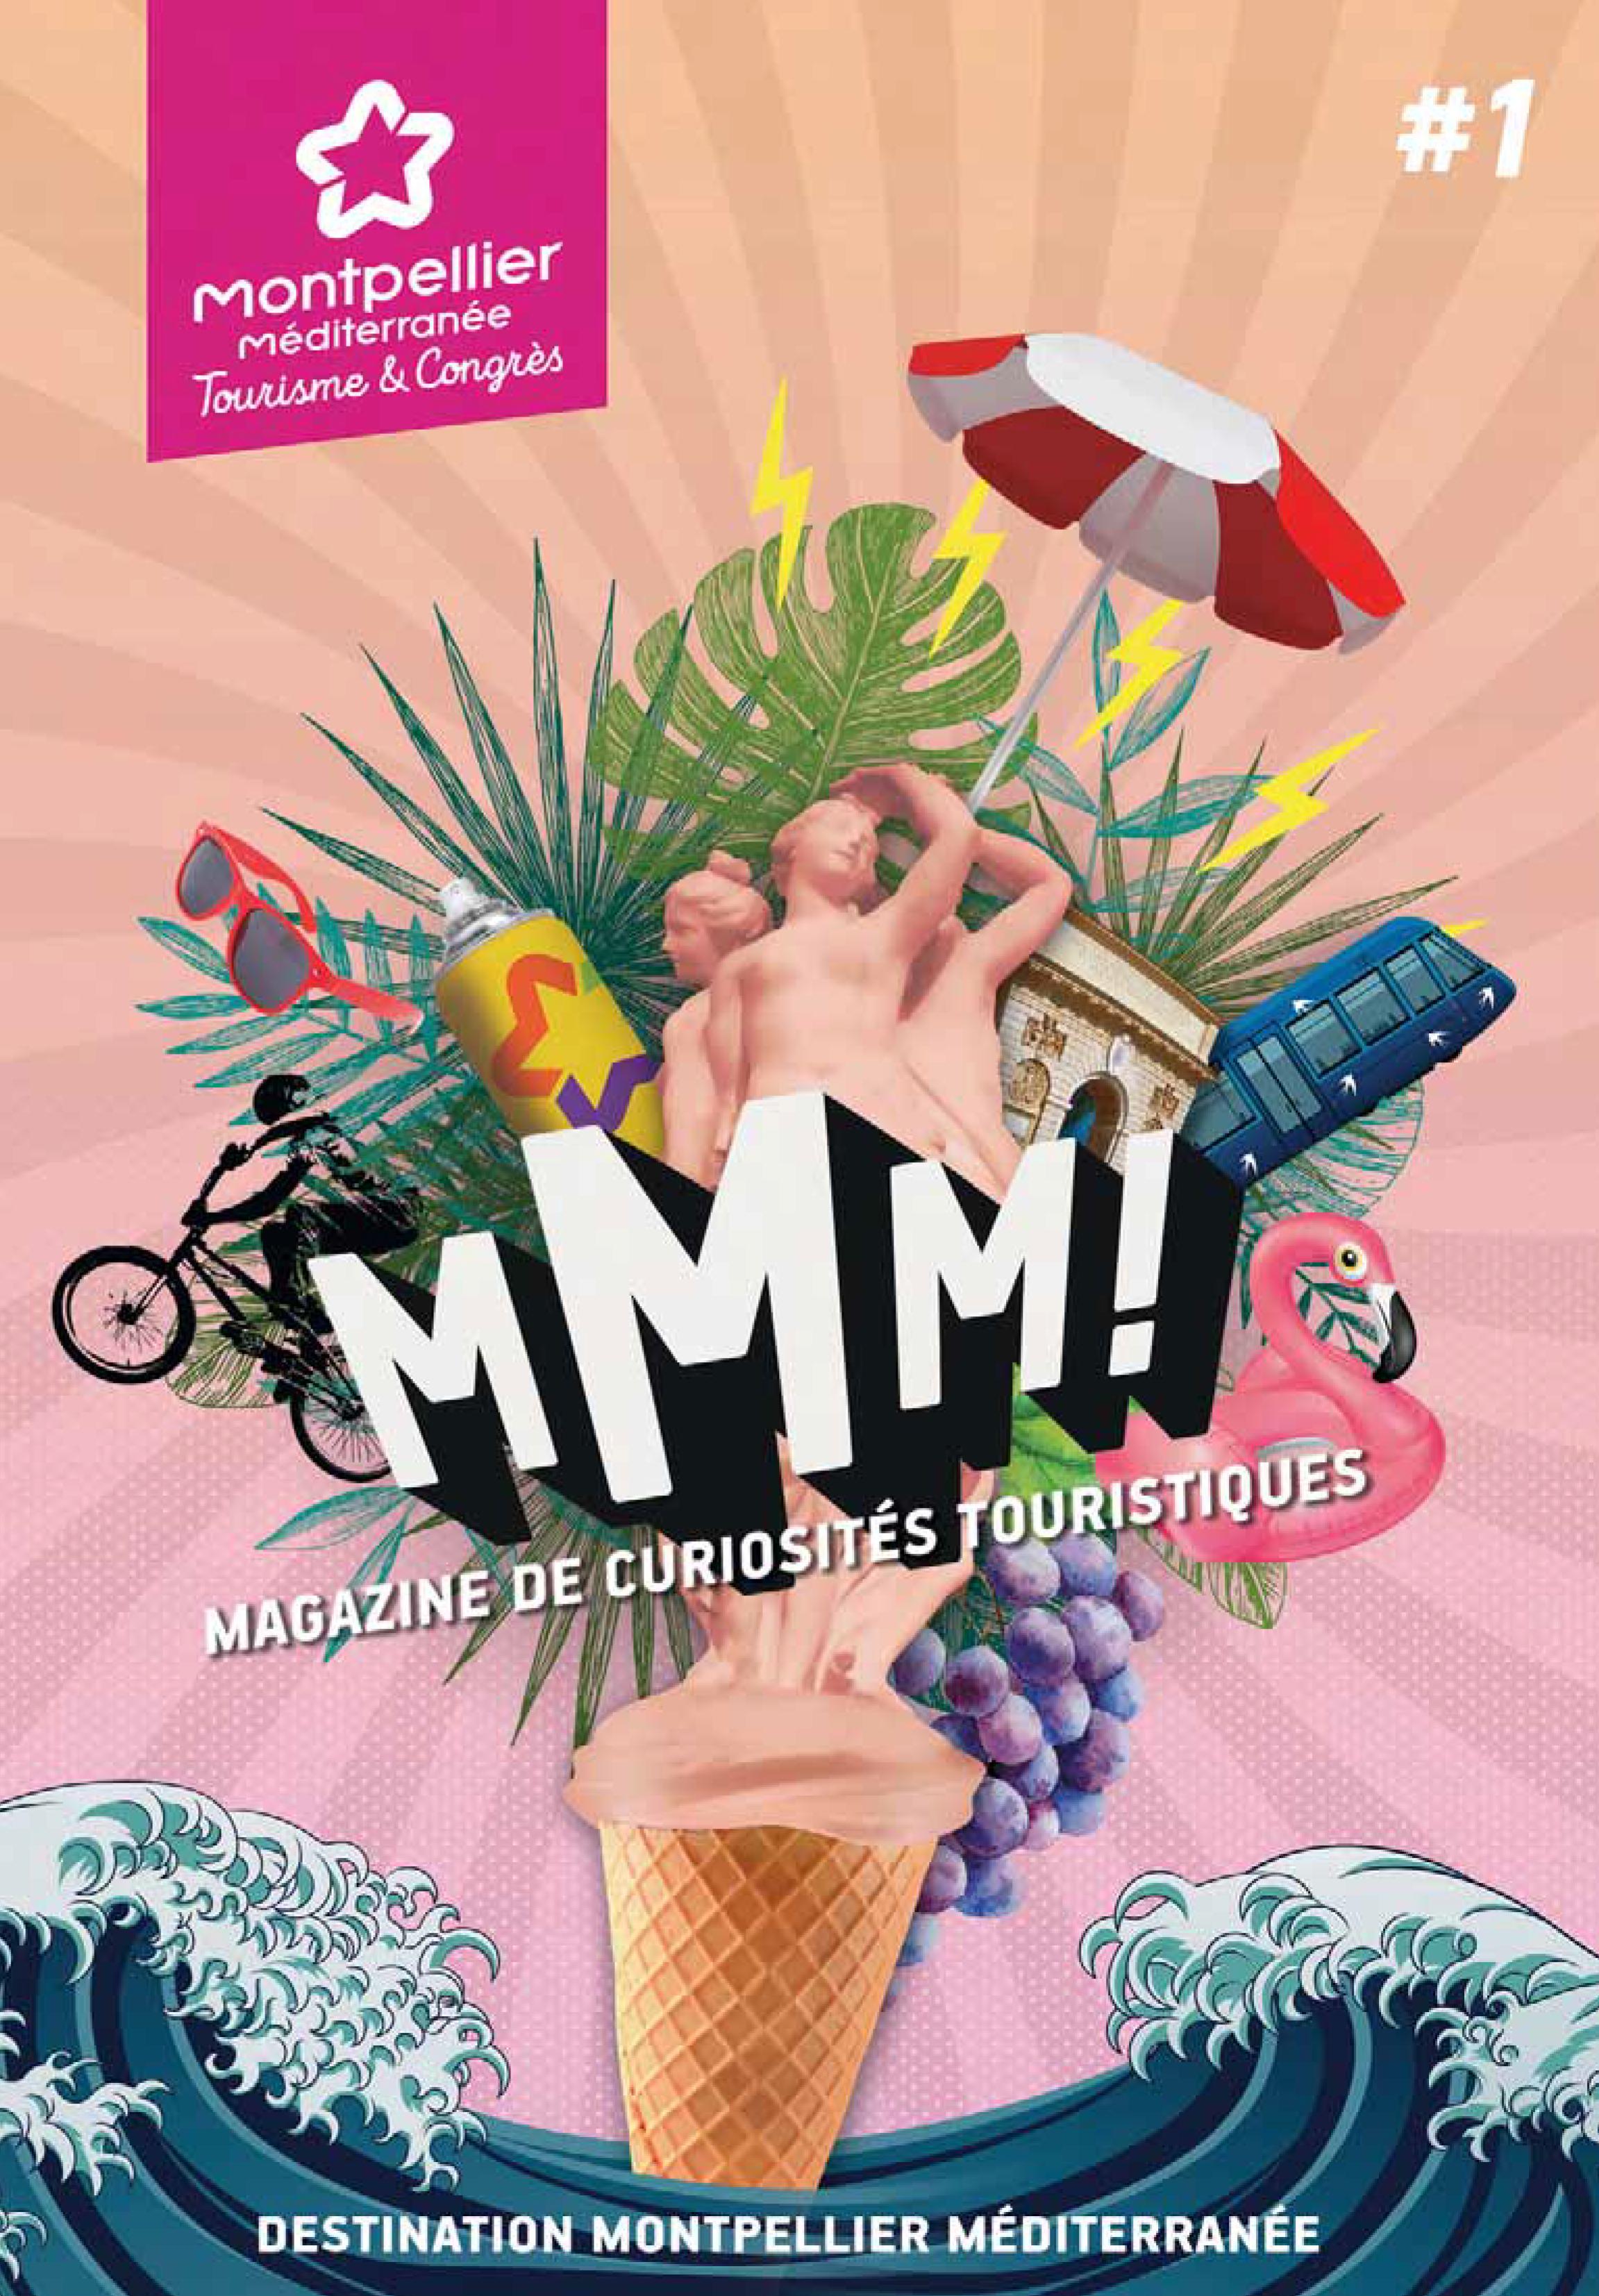 MMM le magazine séduction Montpellier Méditerranée Tourisme & Congrès